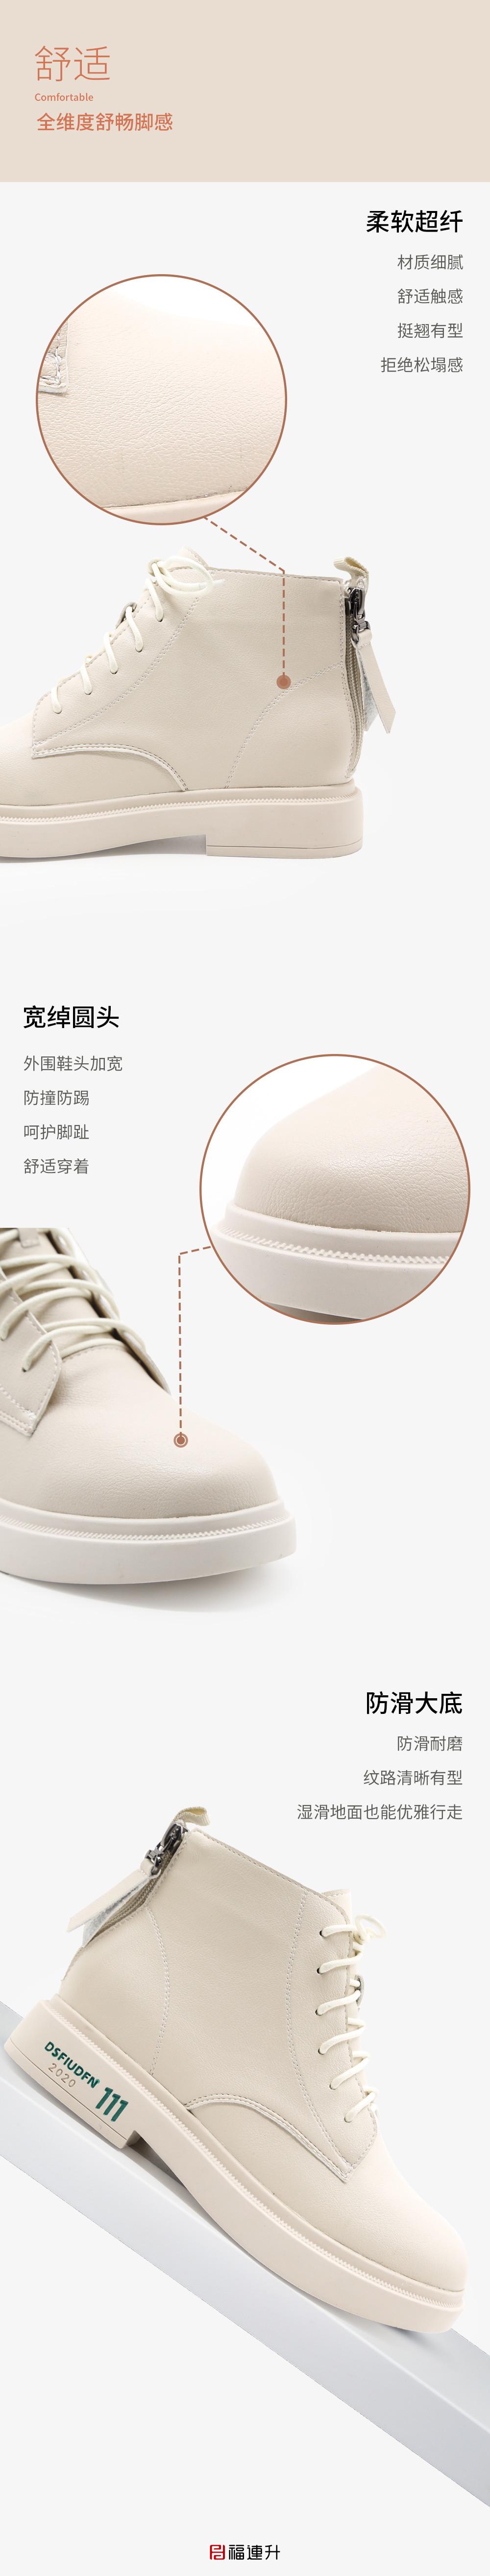 拉鏈馬丁靴英倫風時尚休閑短靴厚底機車靴子女棉麻舒適女靴圖片